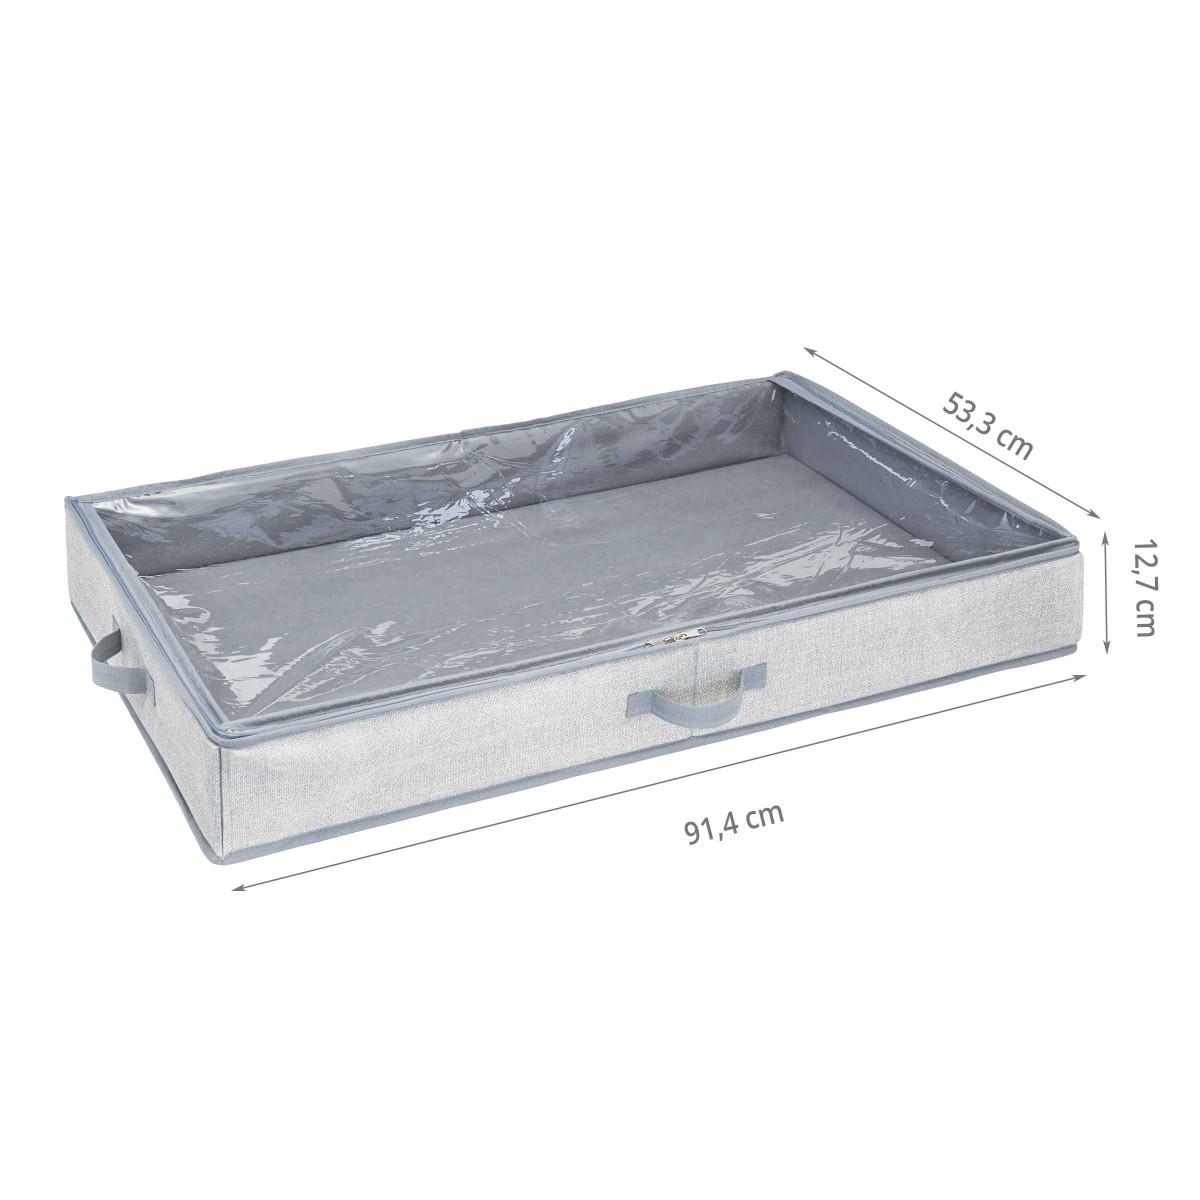 housse de rangement sous le lit rigide - Rangement Sous Lit